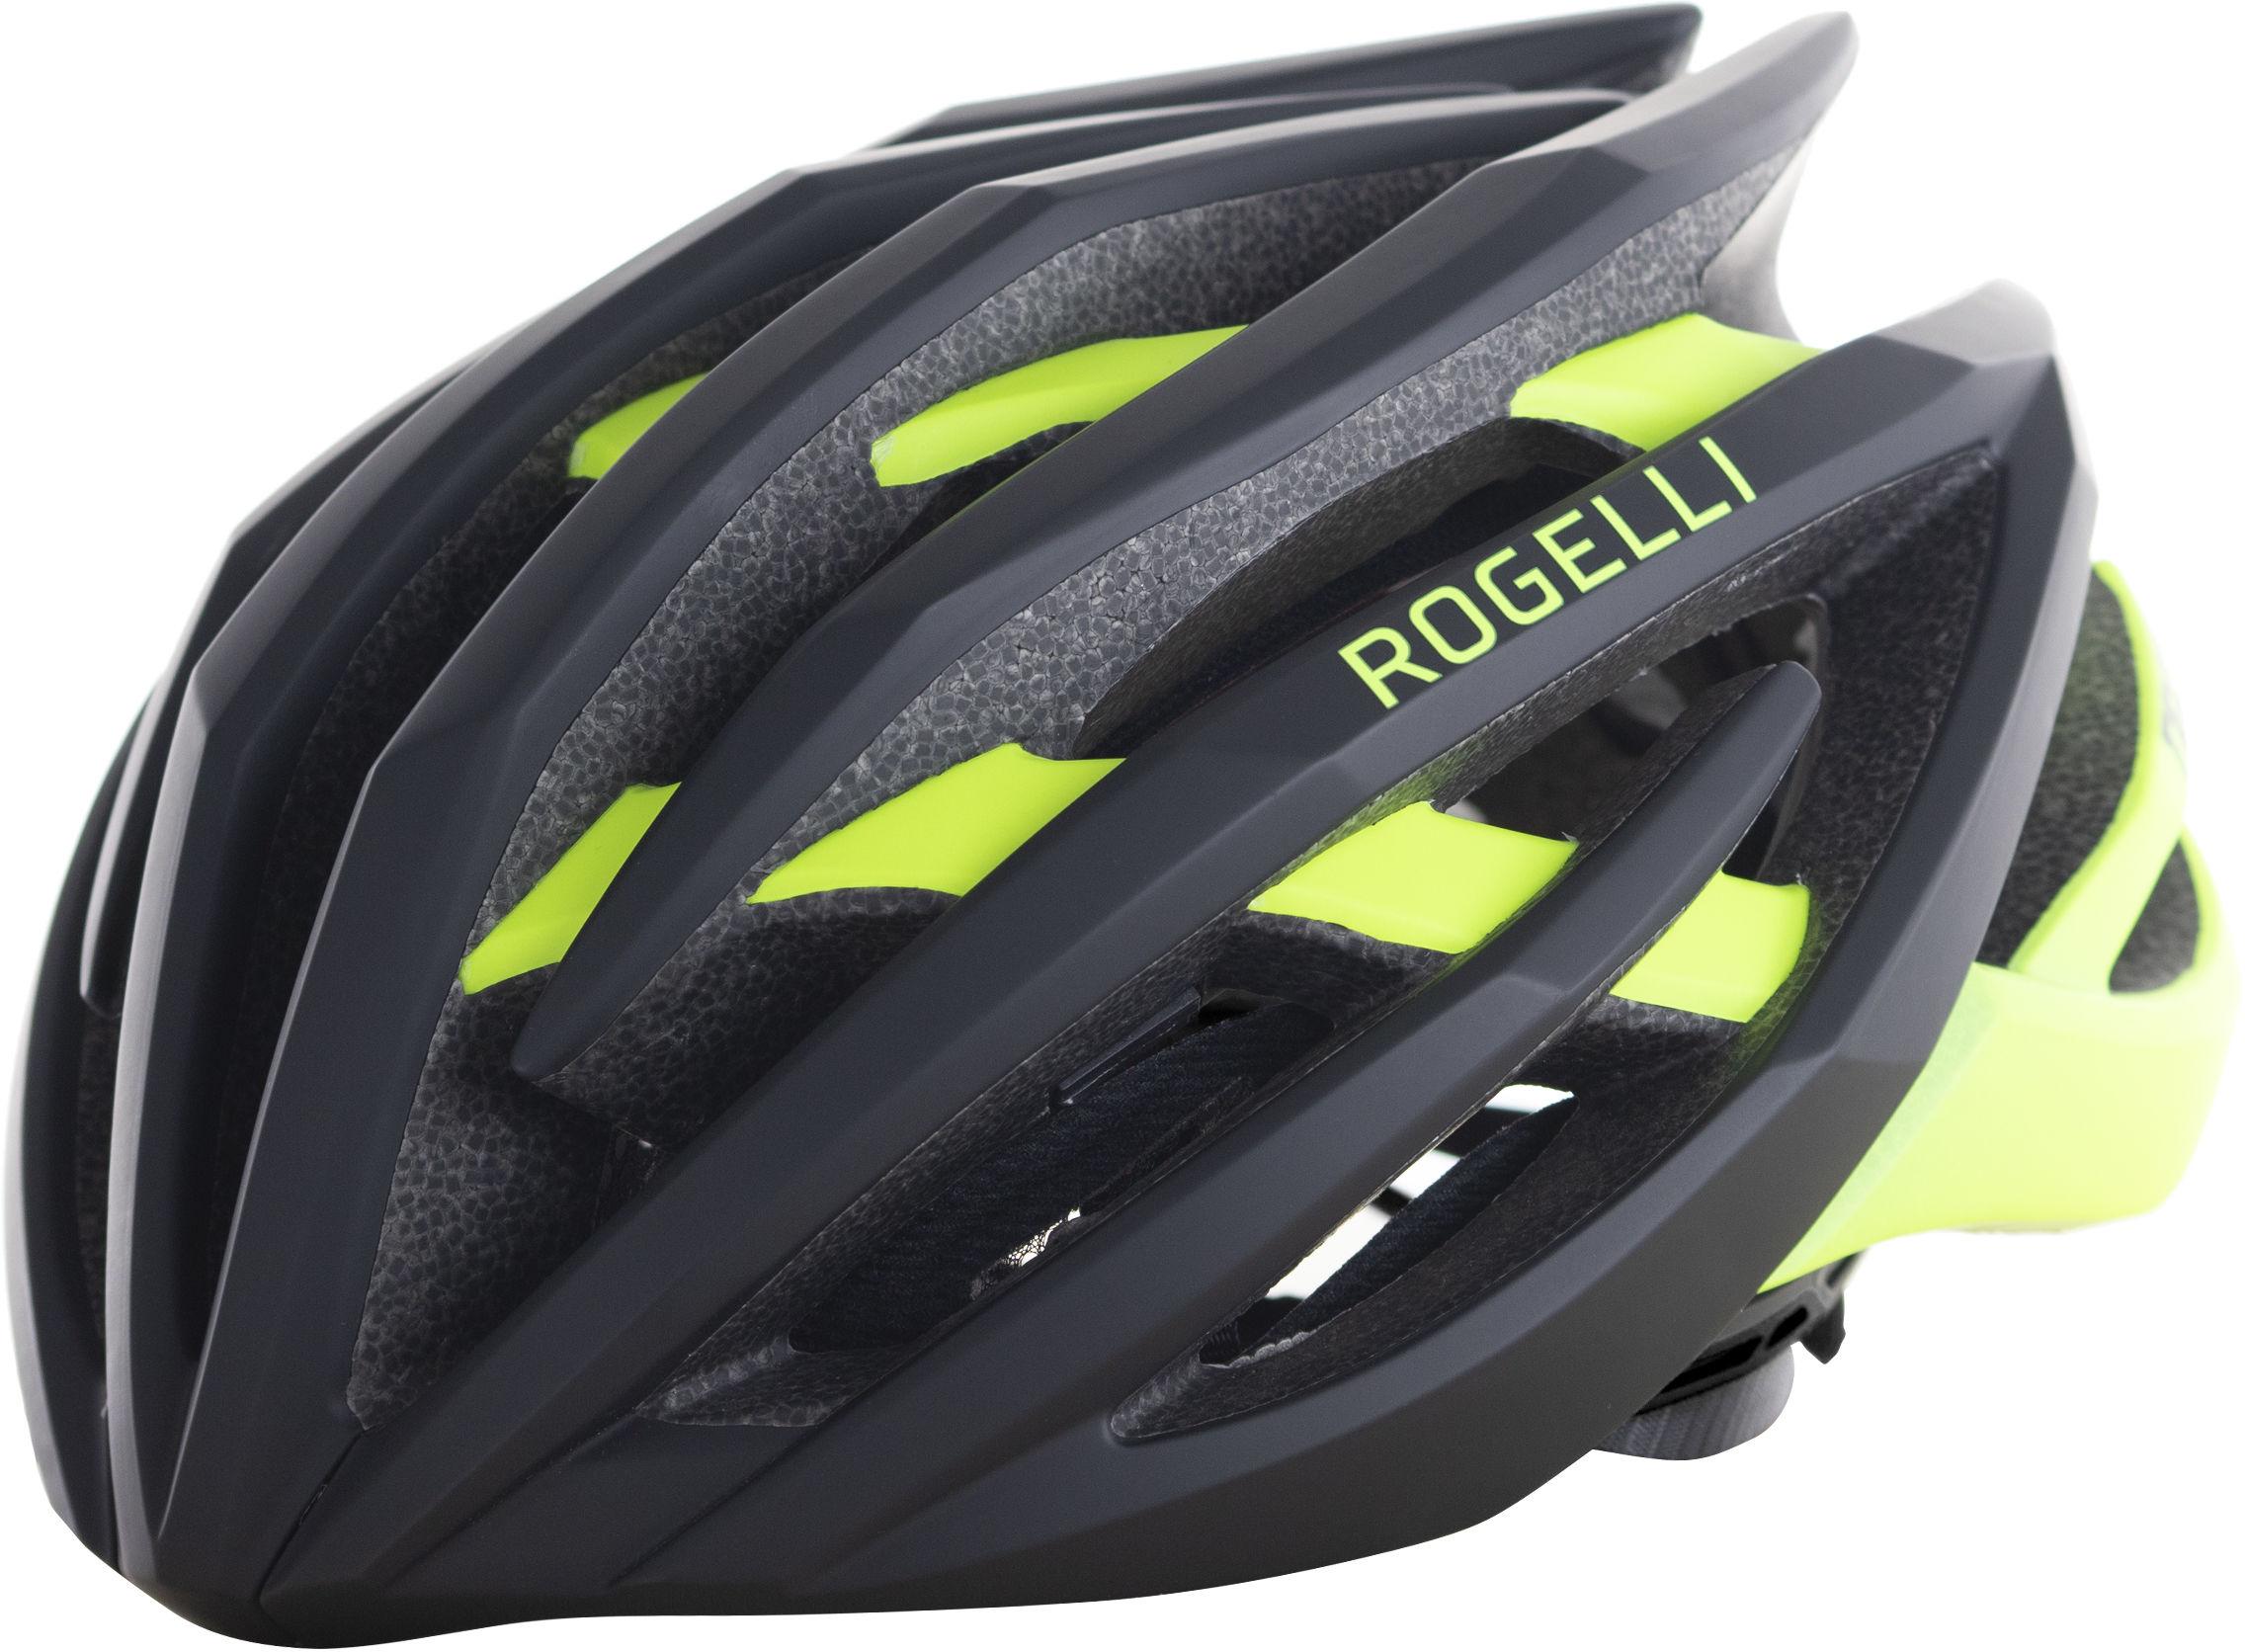 ROGELLI Tecta Kask rowerowy 009.812 Rozmiar: 58-62,Rogelli_009.812_kask